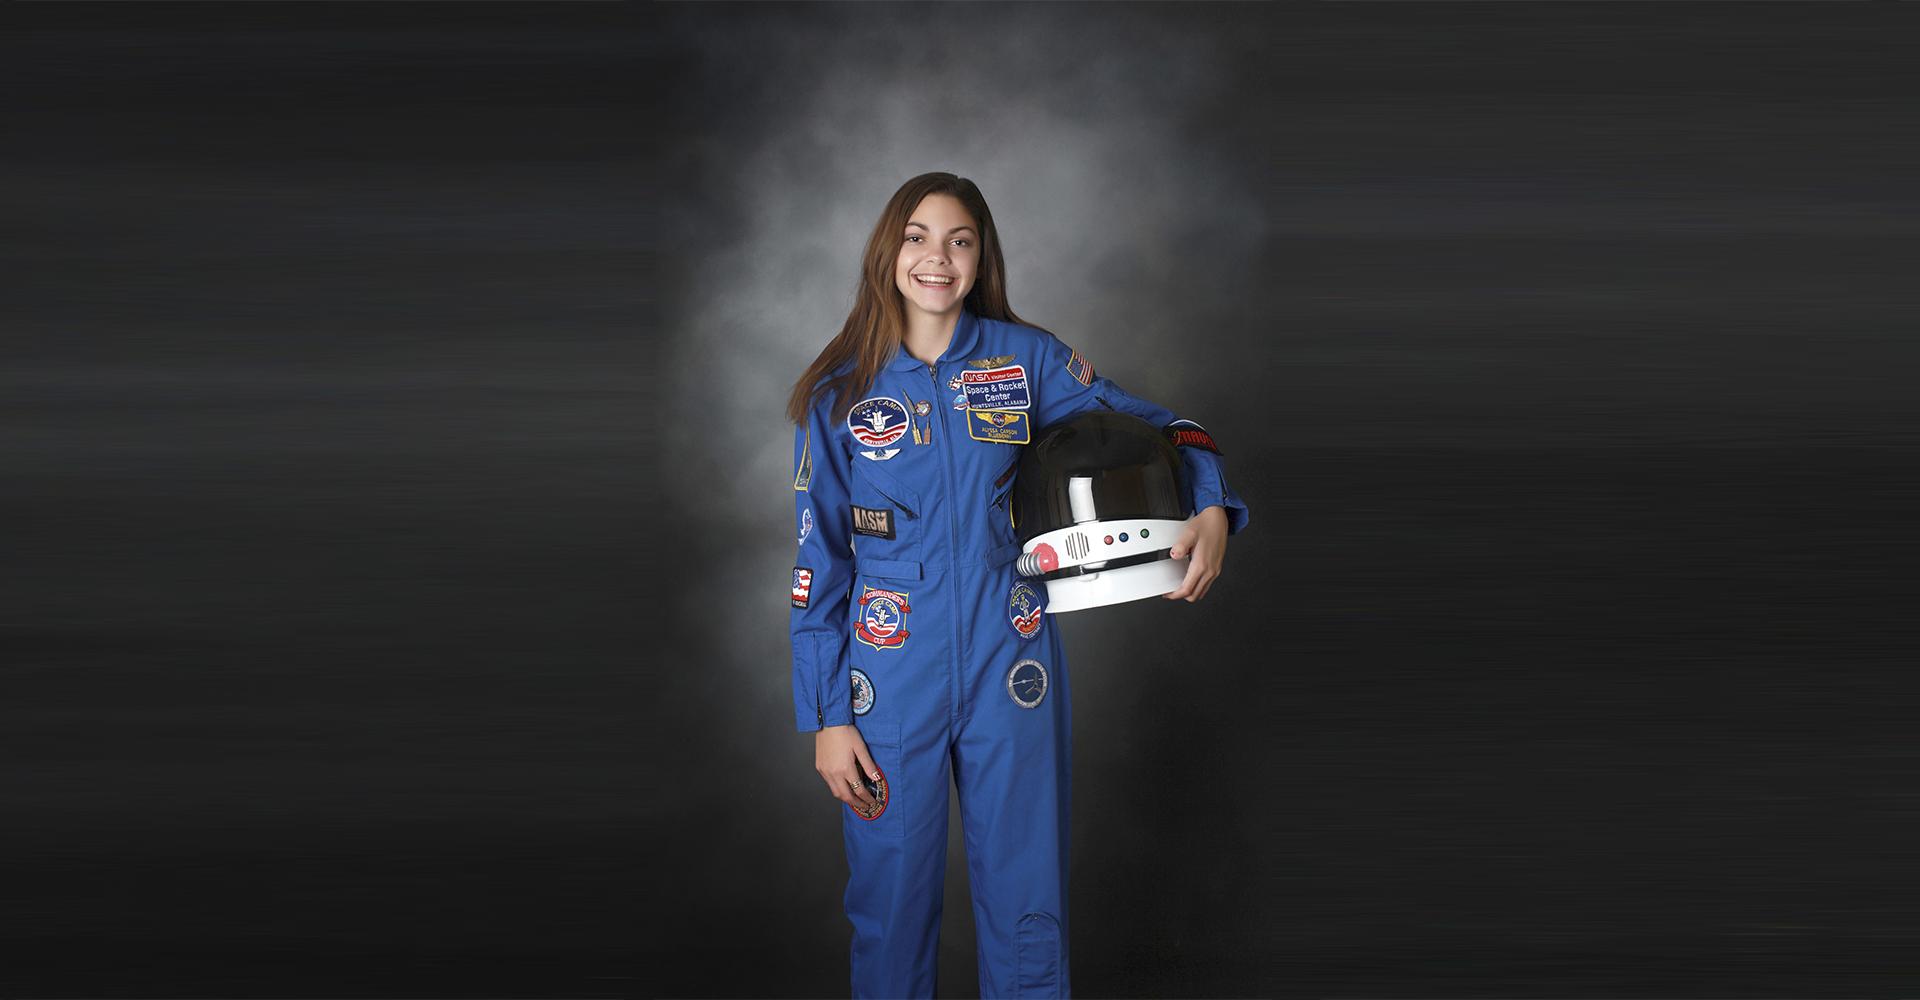 Alyssa Carson im Raumanzug